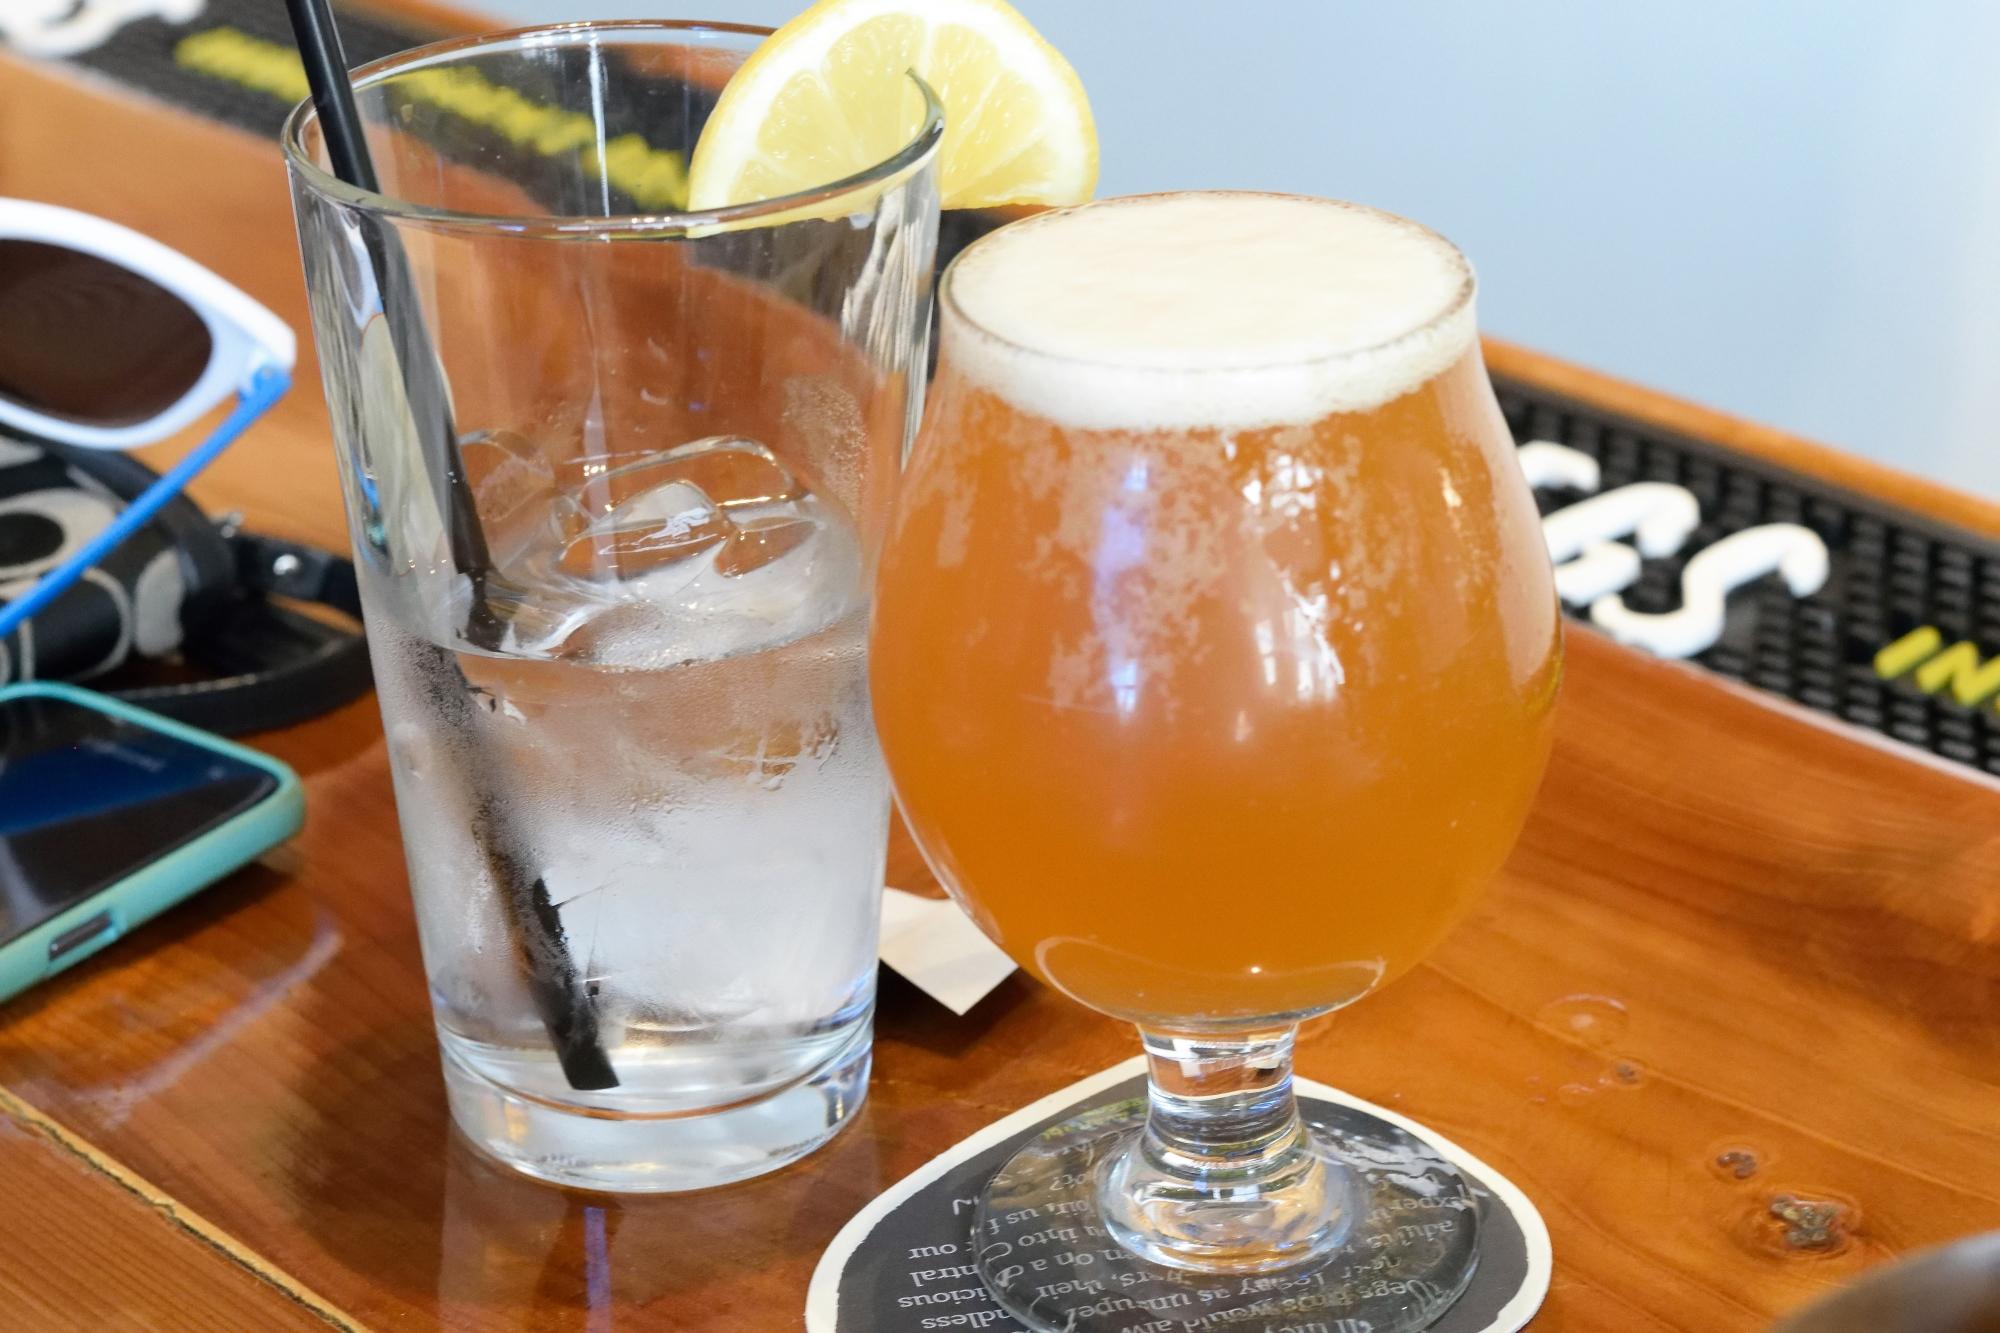 Beer is here in Atlantic City! Shown: Forgotten Boardwalk's Pocket Trick